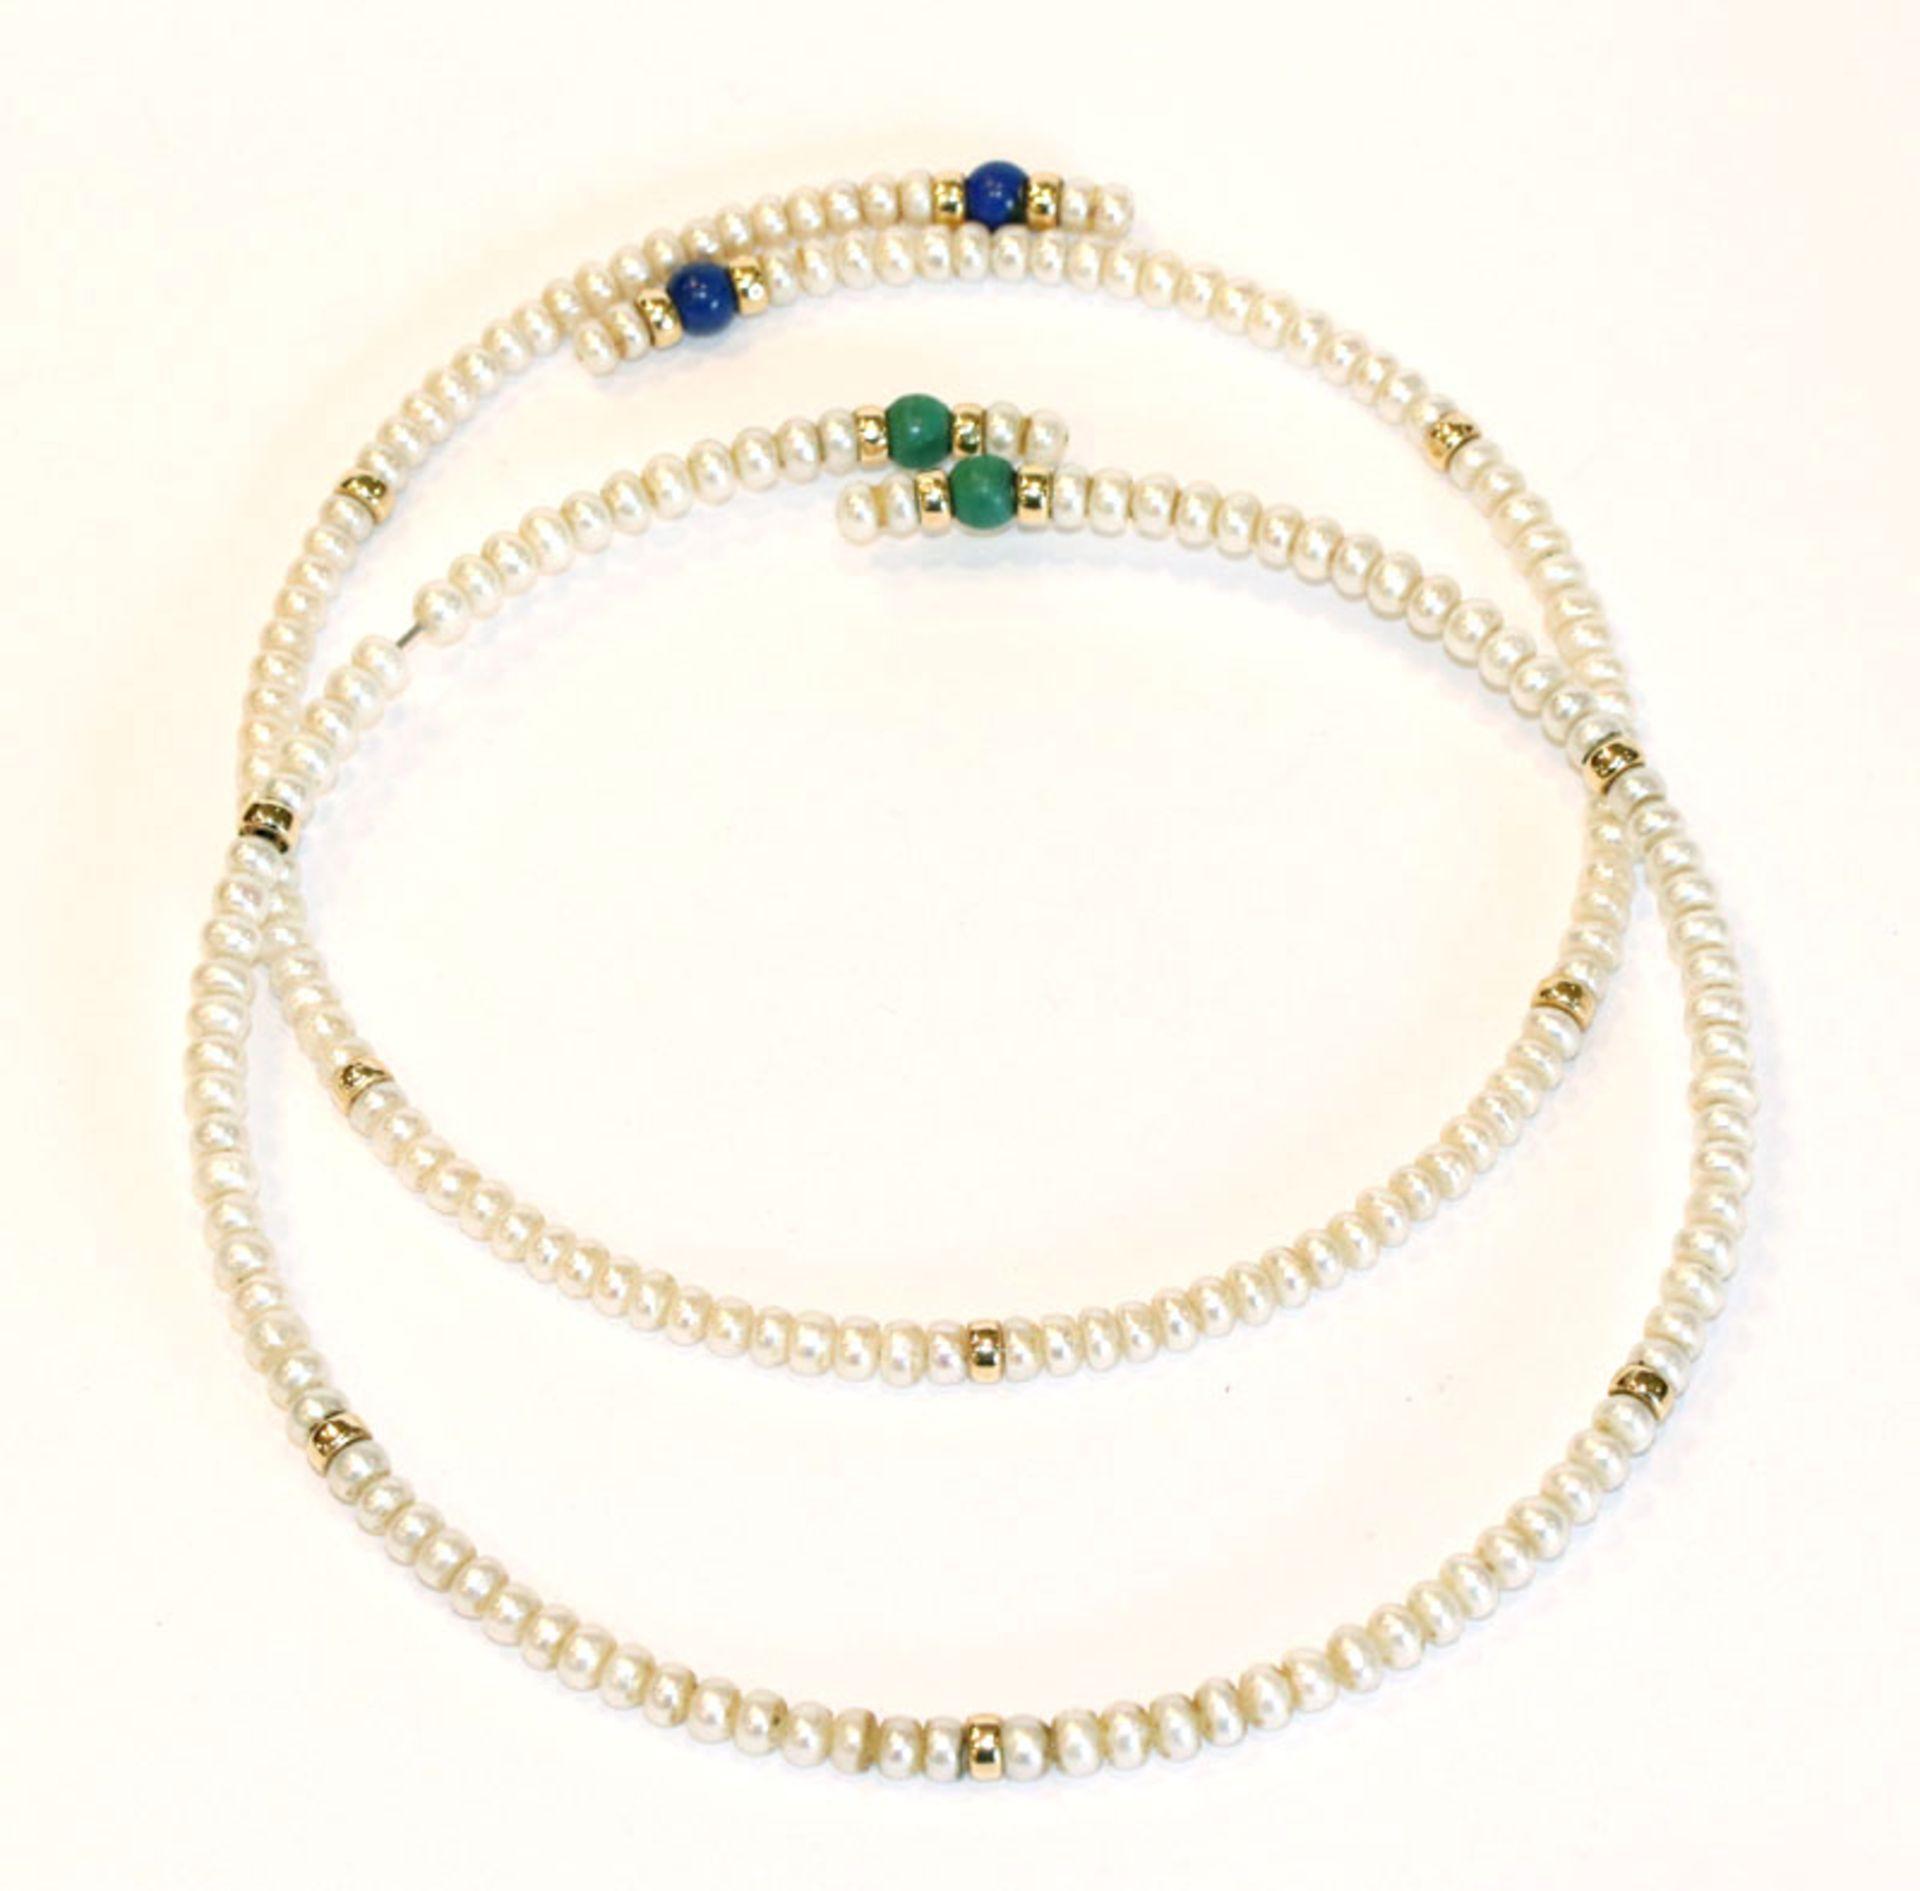 2 Perlen Halsreifen mit 14 k Gelbgold-Kugeln, Malachit- und Lapislazuli Perlen, D 10,5/12 cm